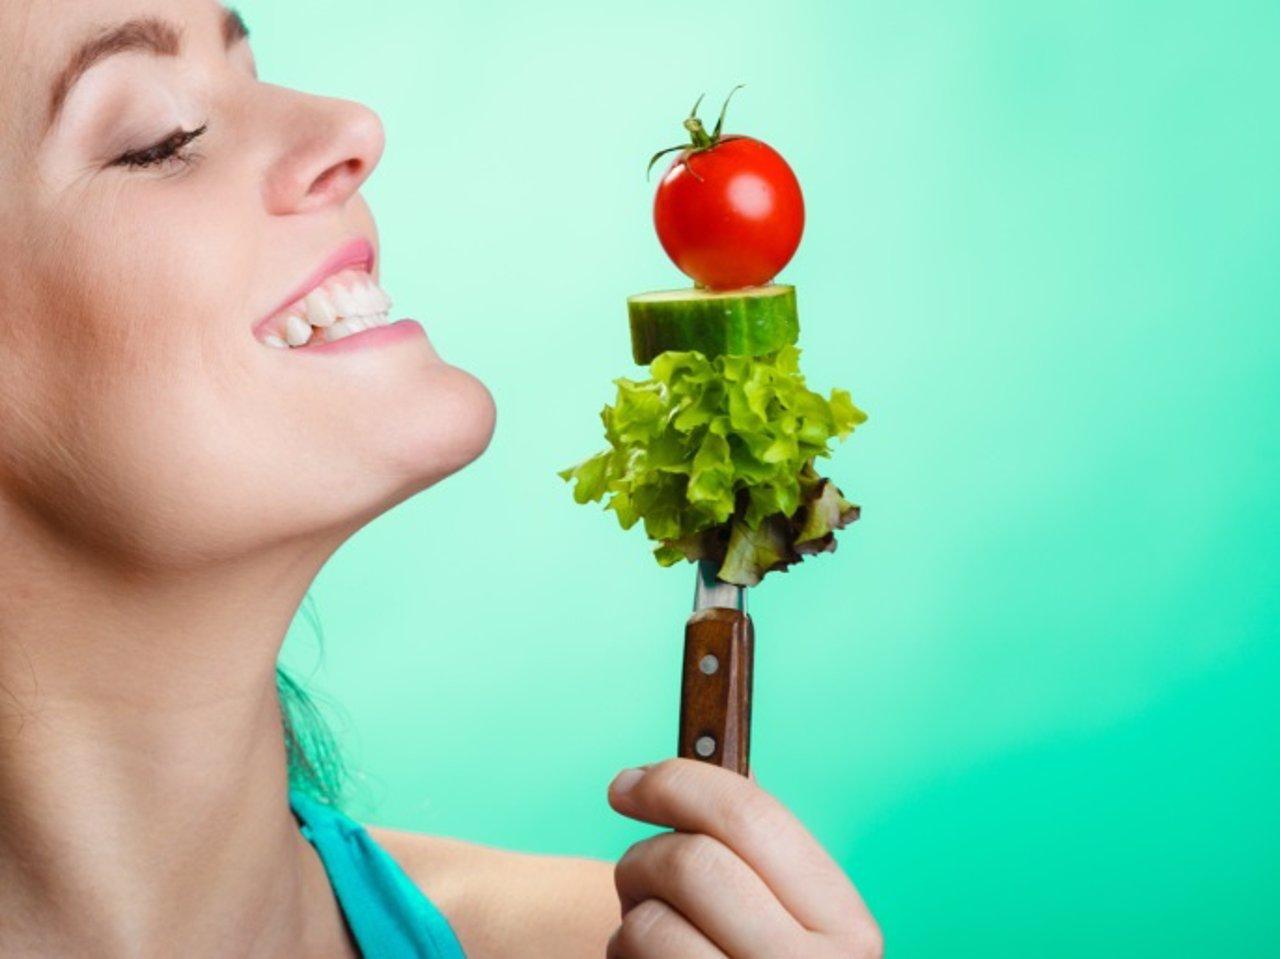 Dieta vegetariana, comer vegetales, tomate, ensalada, sonrisa